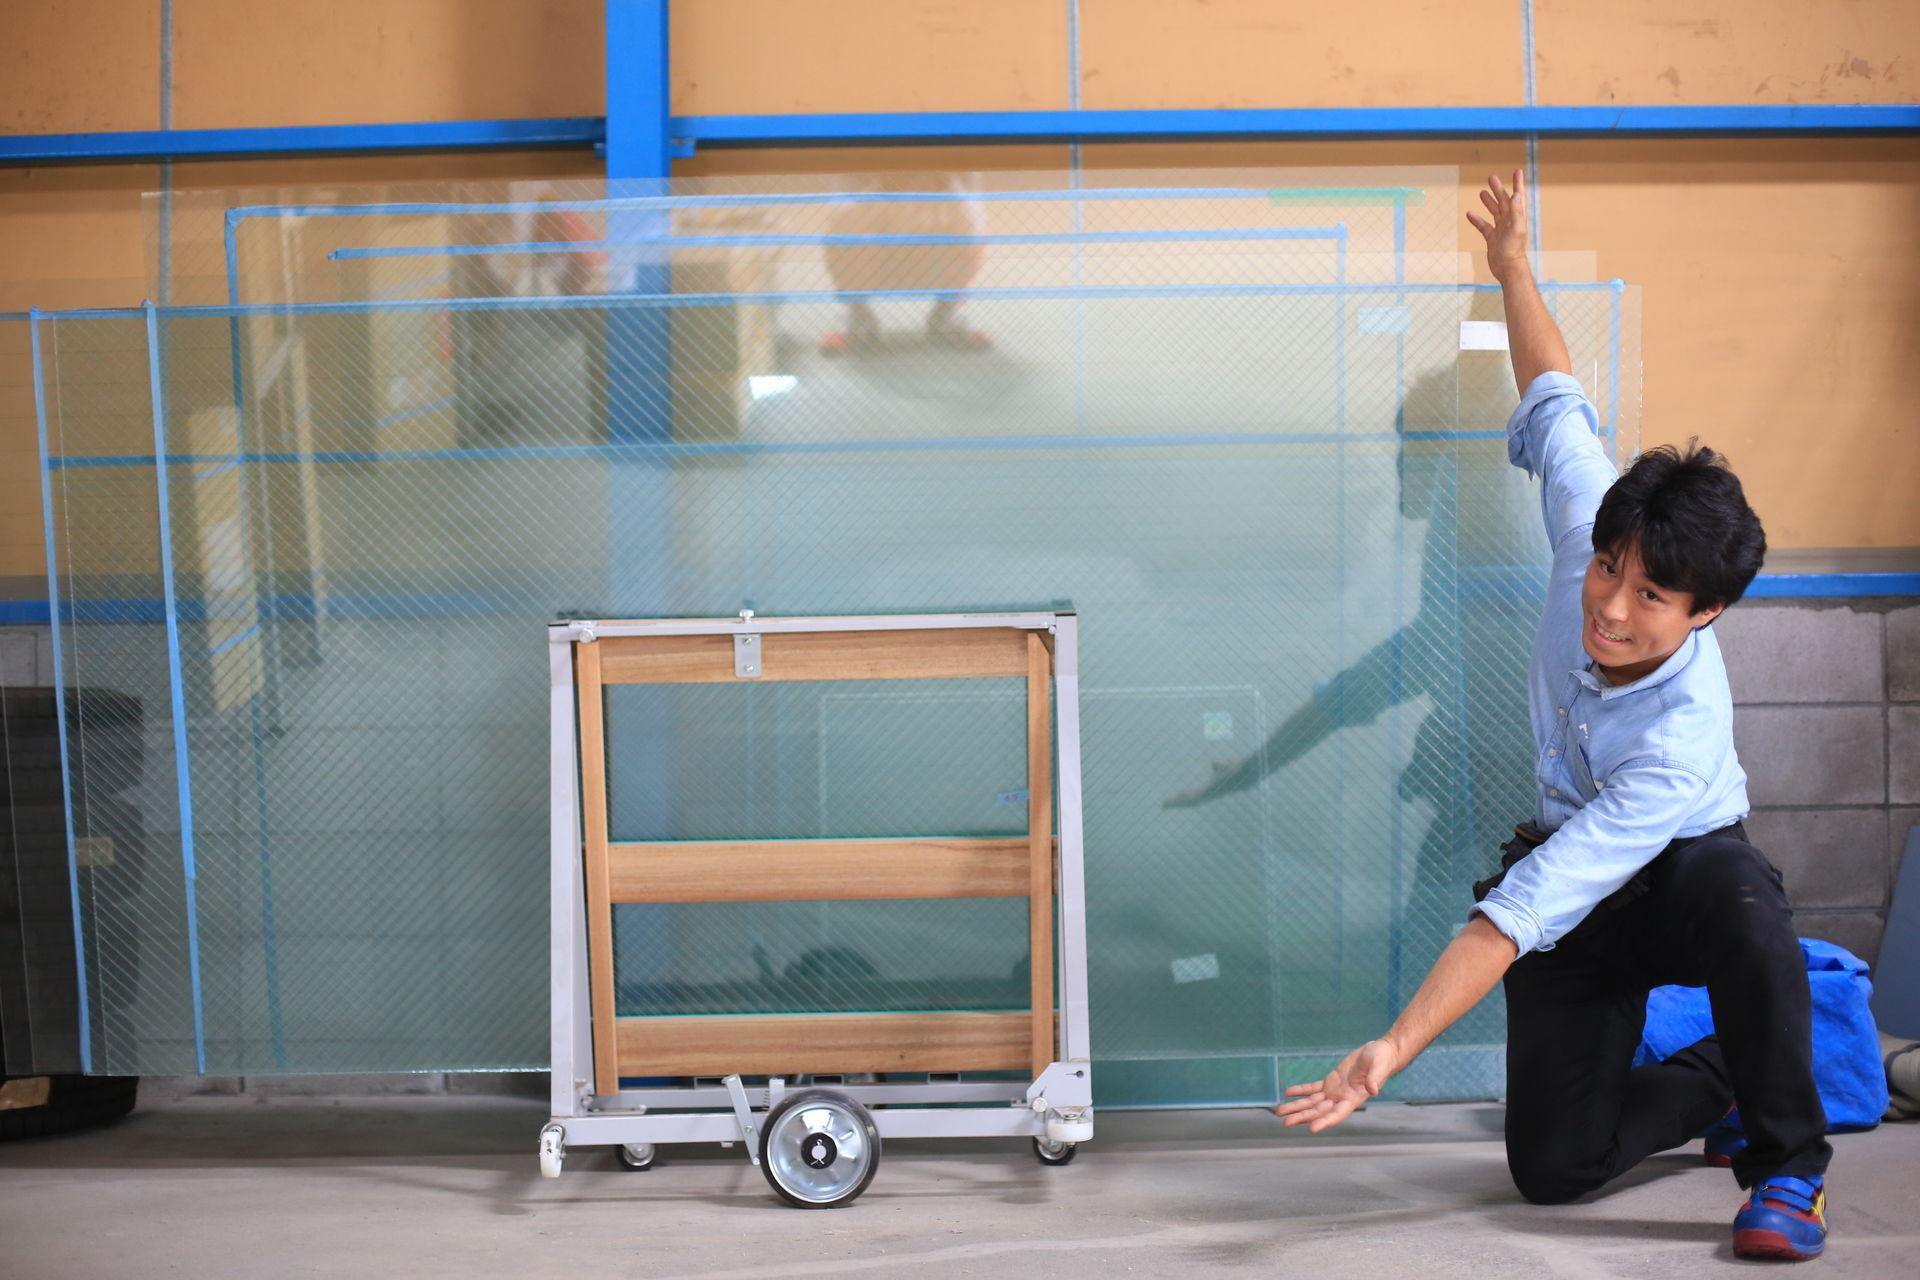 ガラスのトラブル救急車【印旛郡酒々井町 出張エリア】のメイン画像